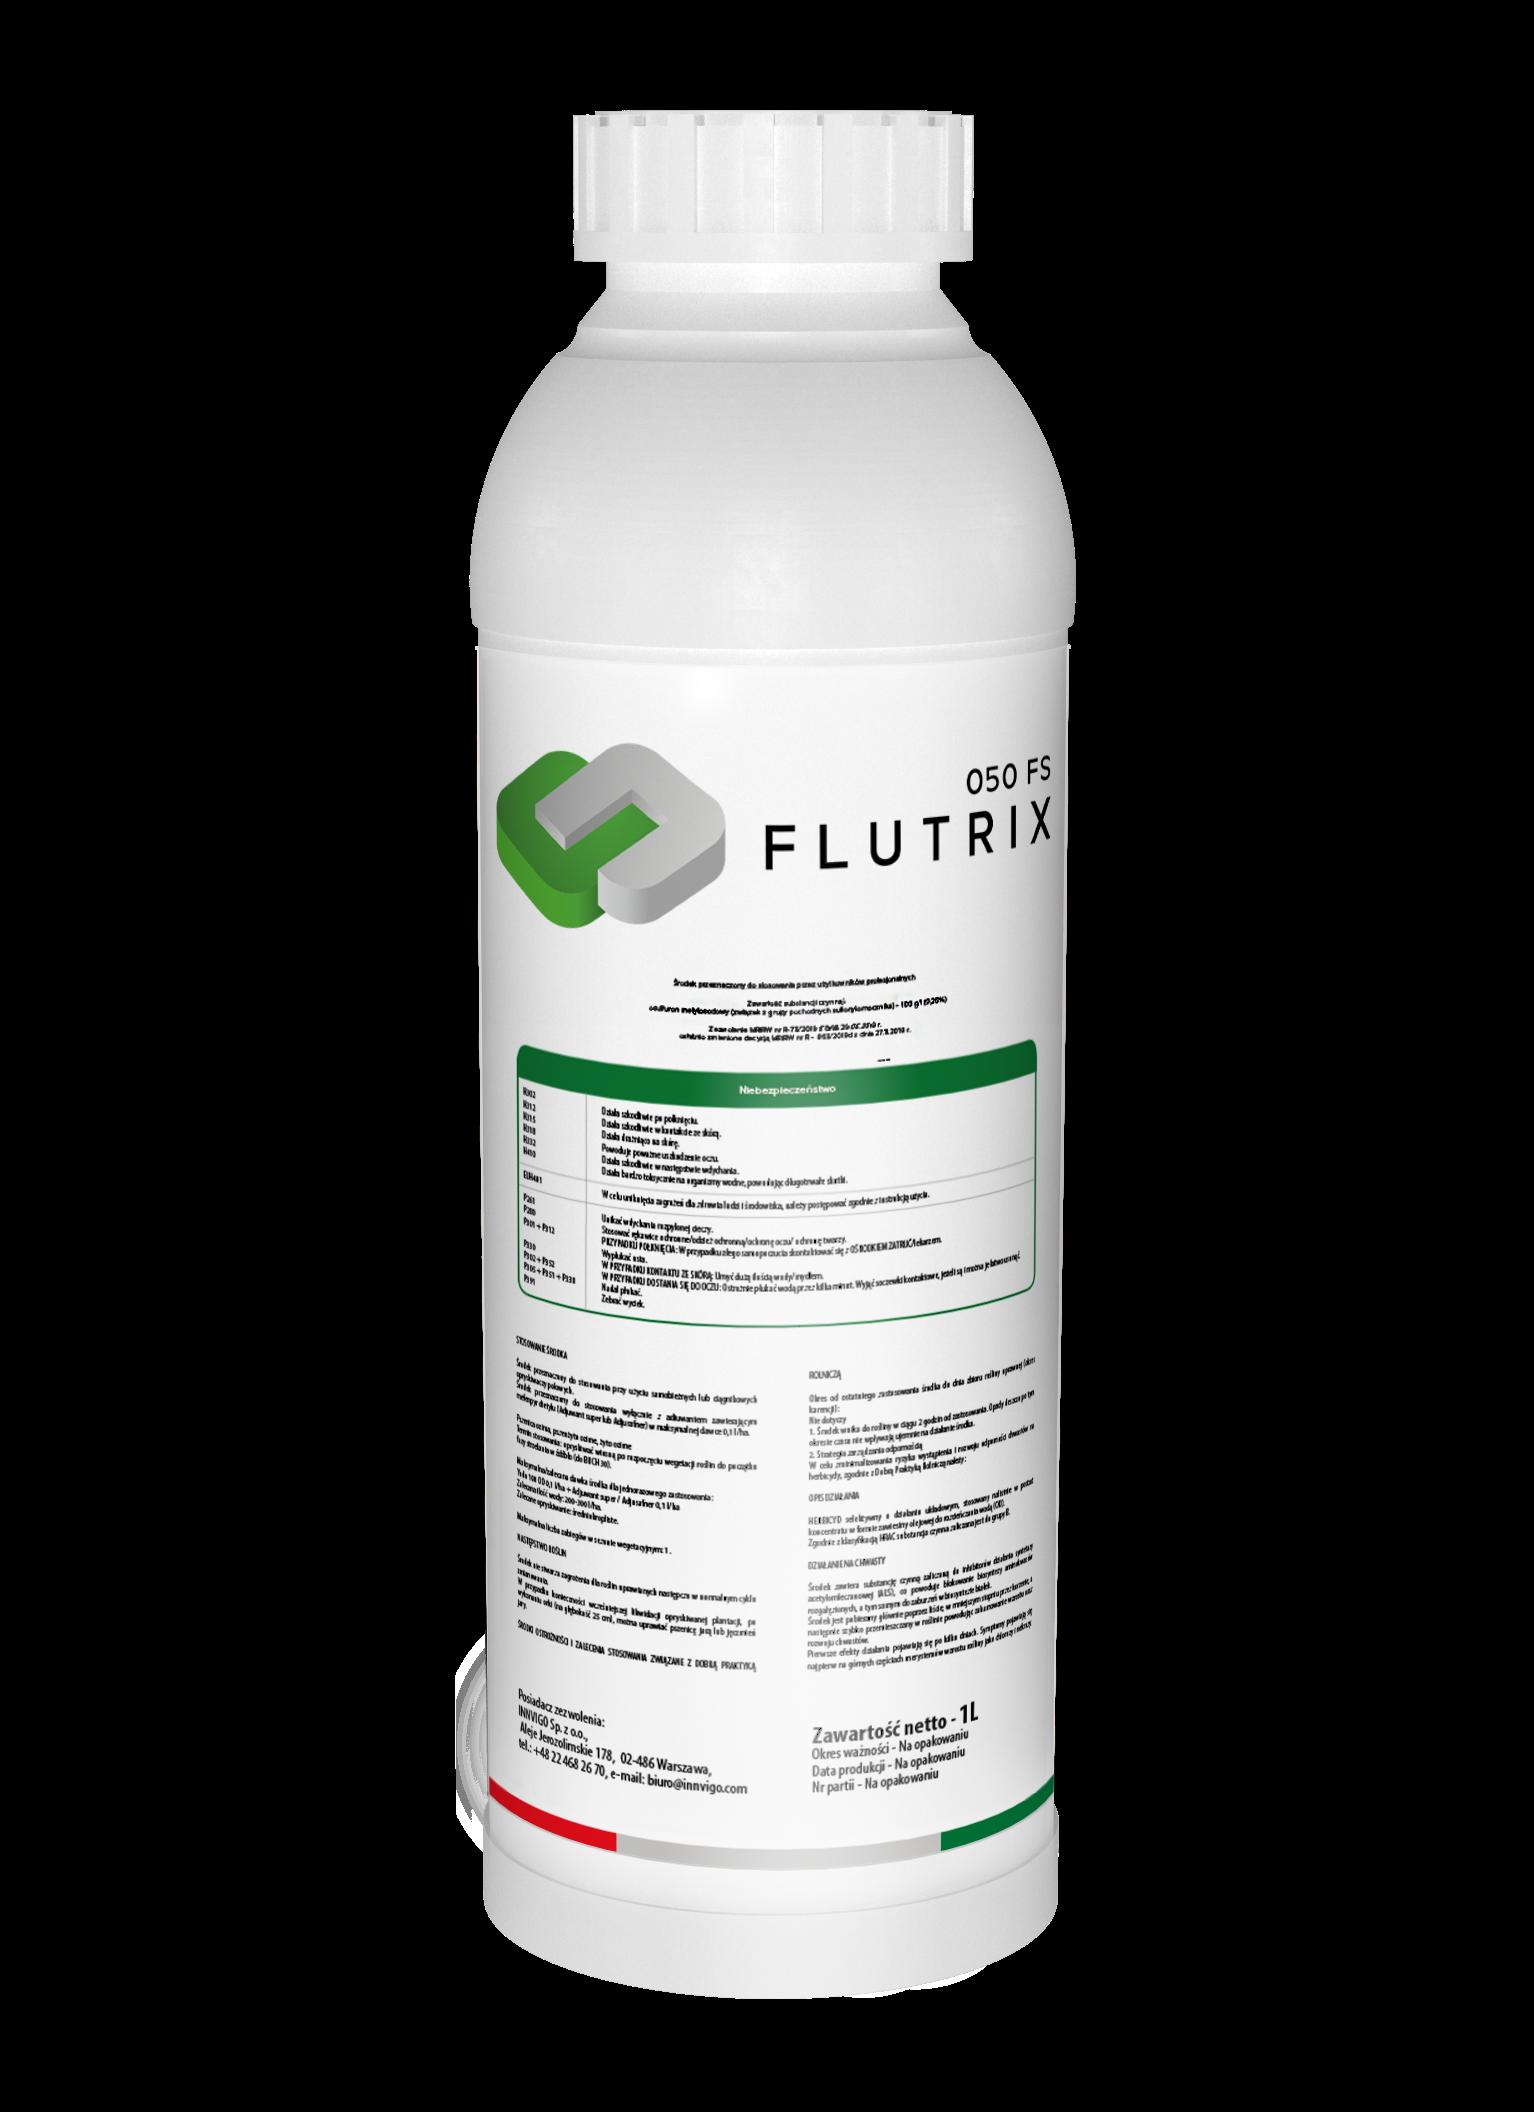 Flutrix